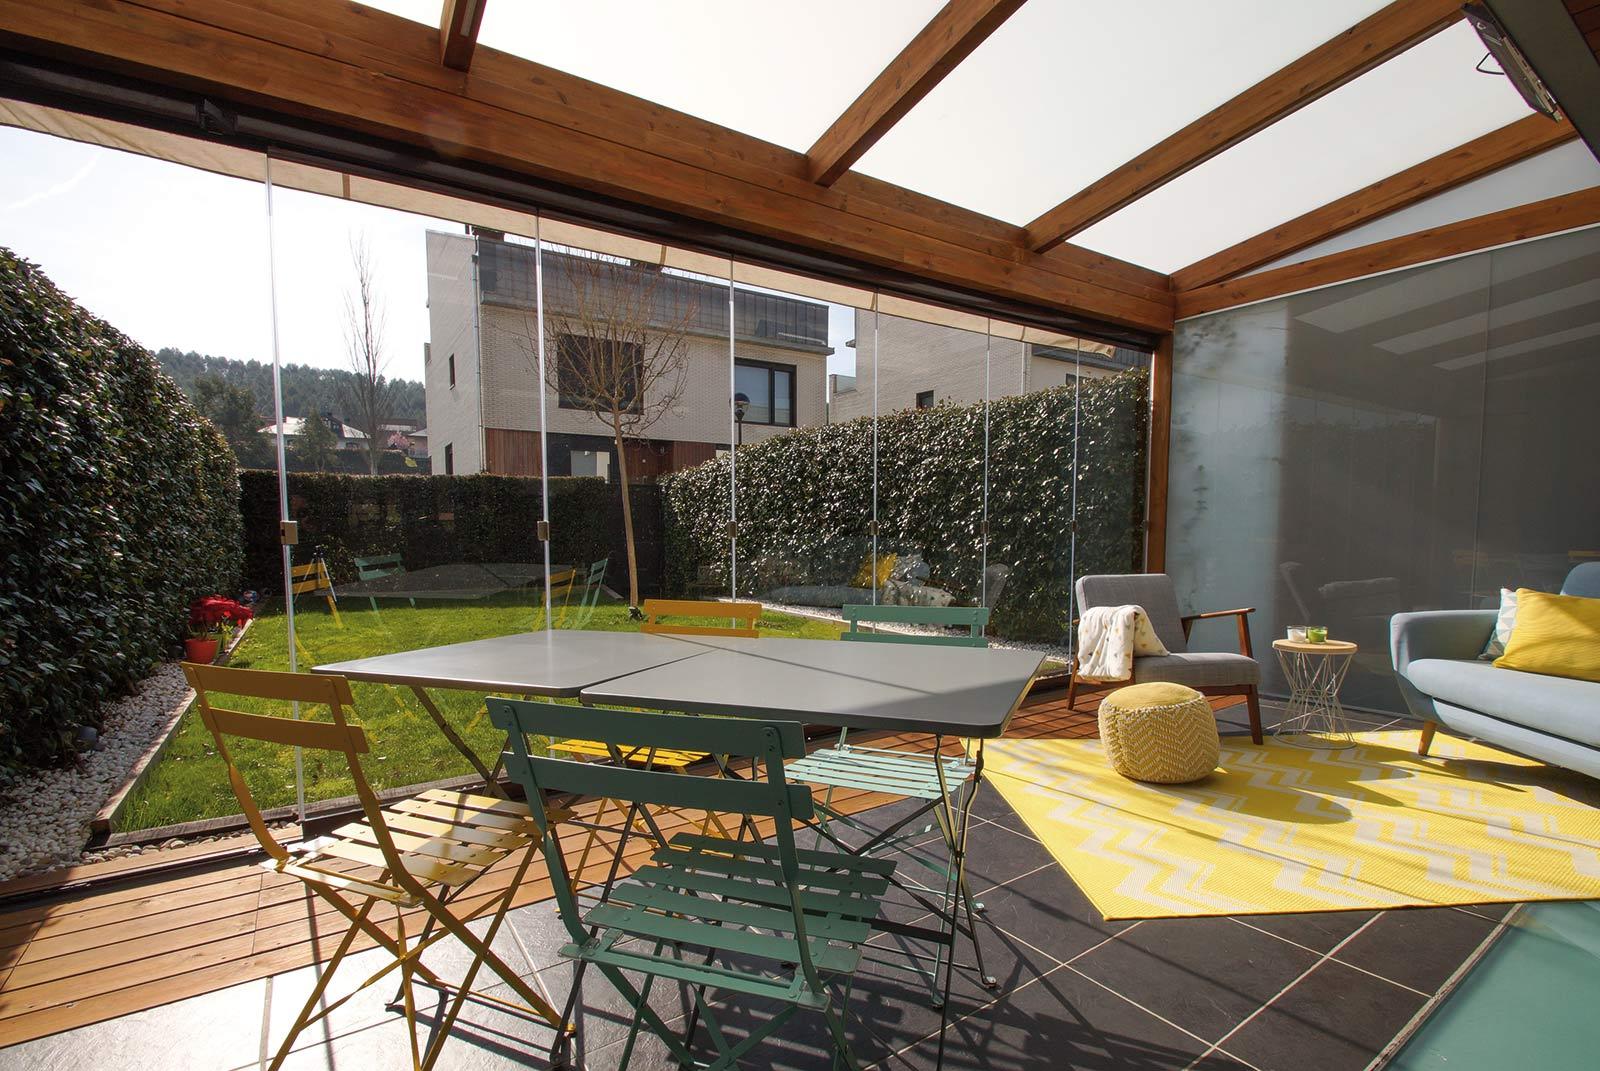 Vista interior porche de madera de estilo moderno con cortinas de cristal en jardín unifamiliar